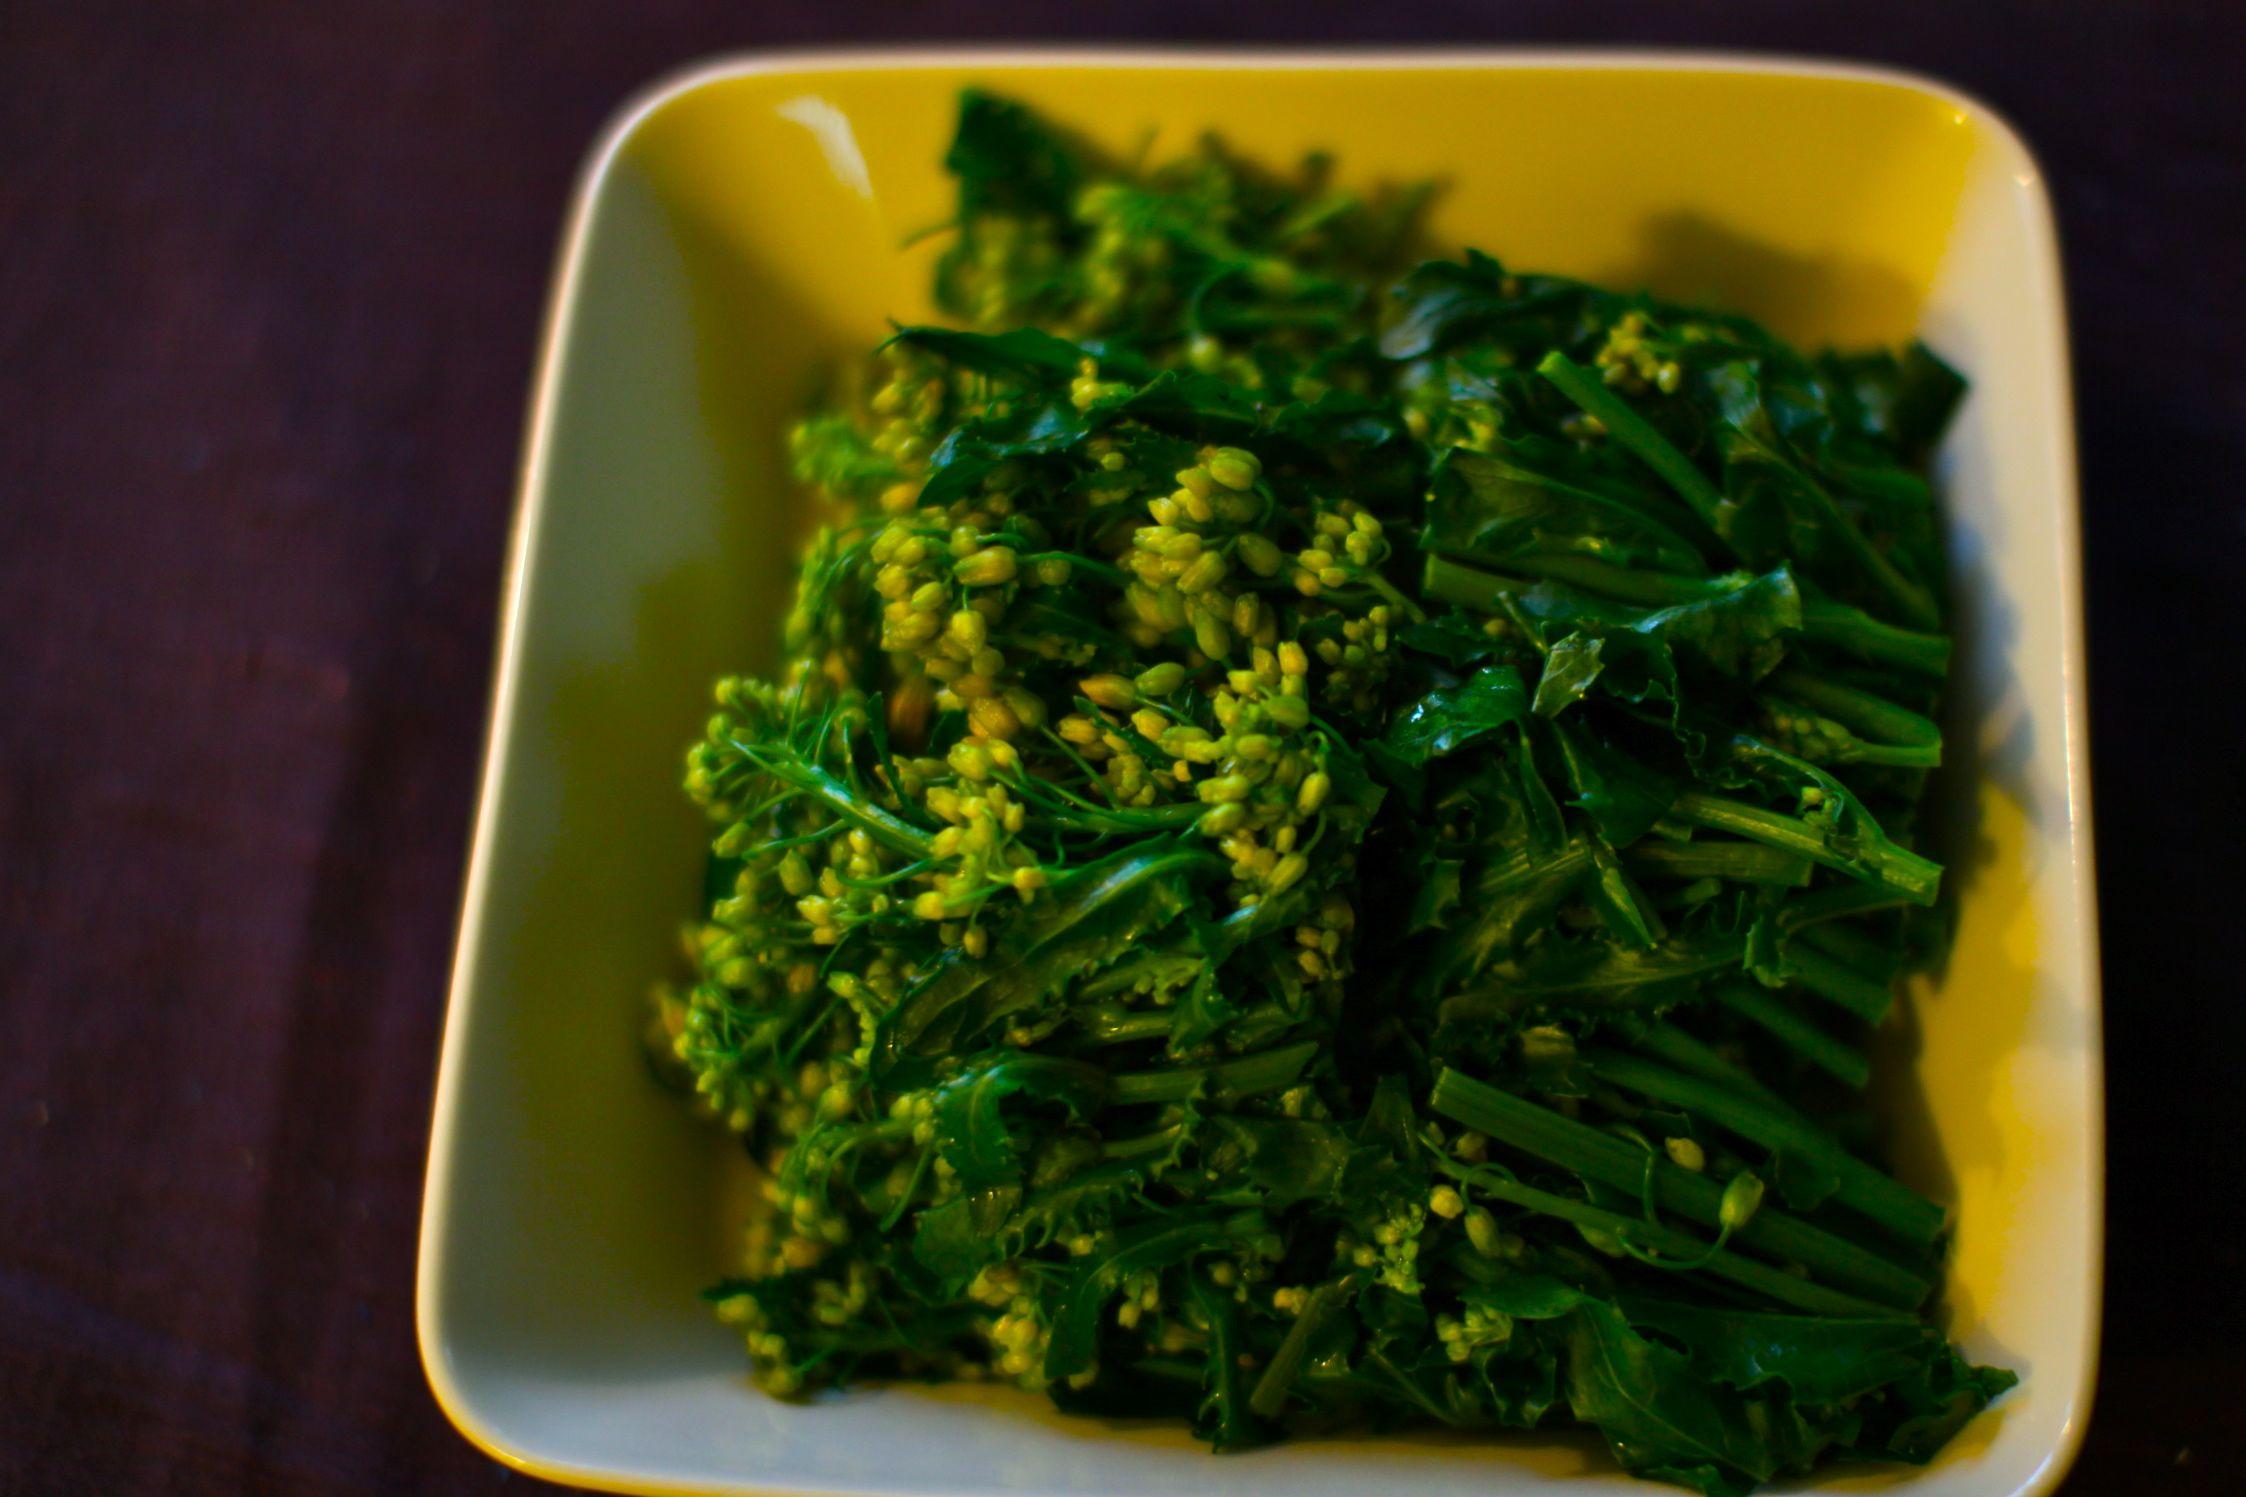 わらび菜 茹でておひたしに きれいな色です